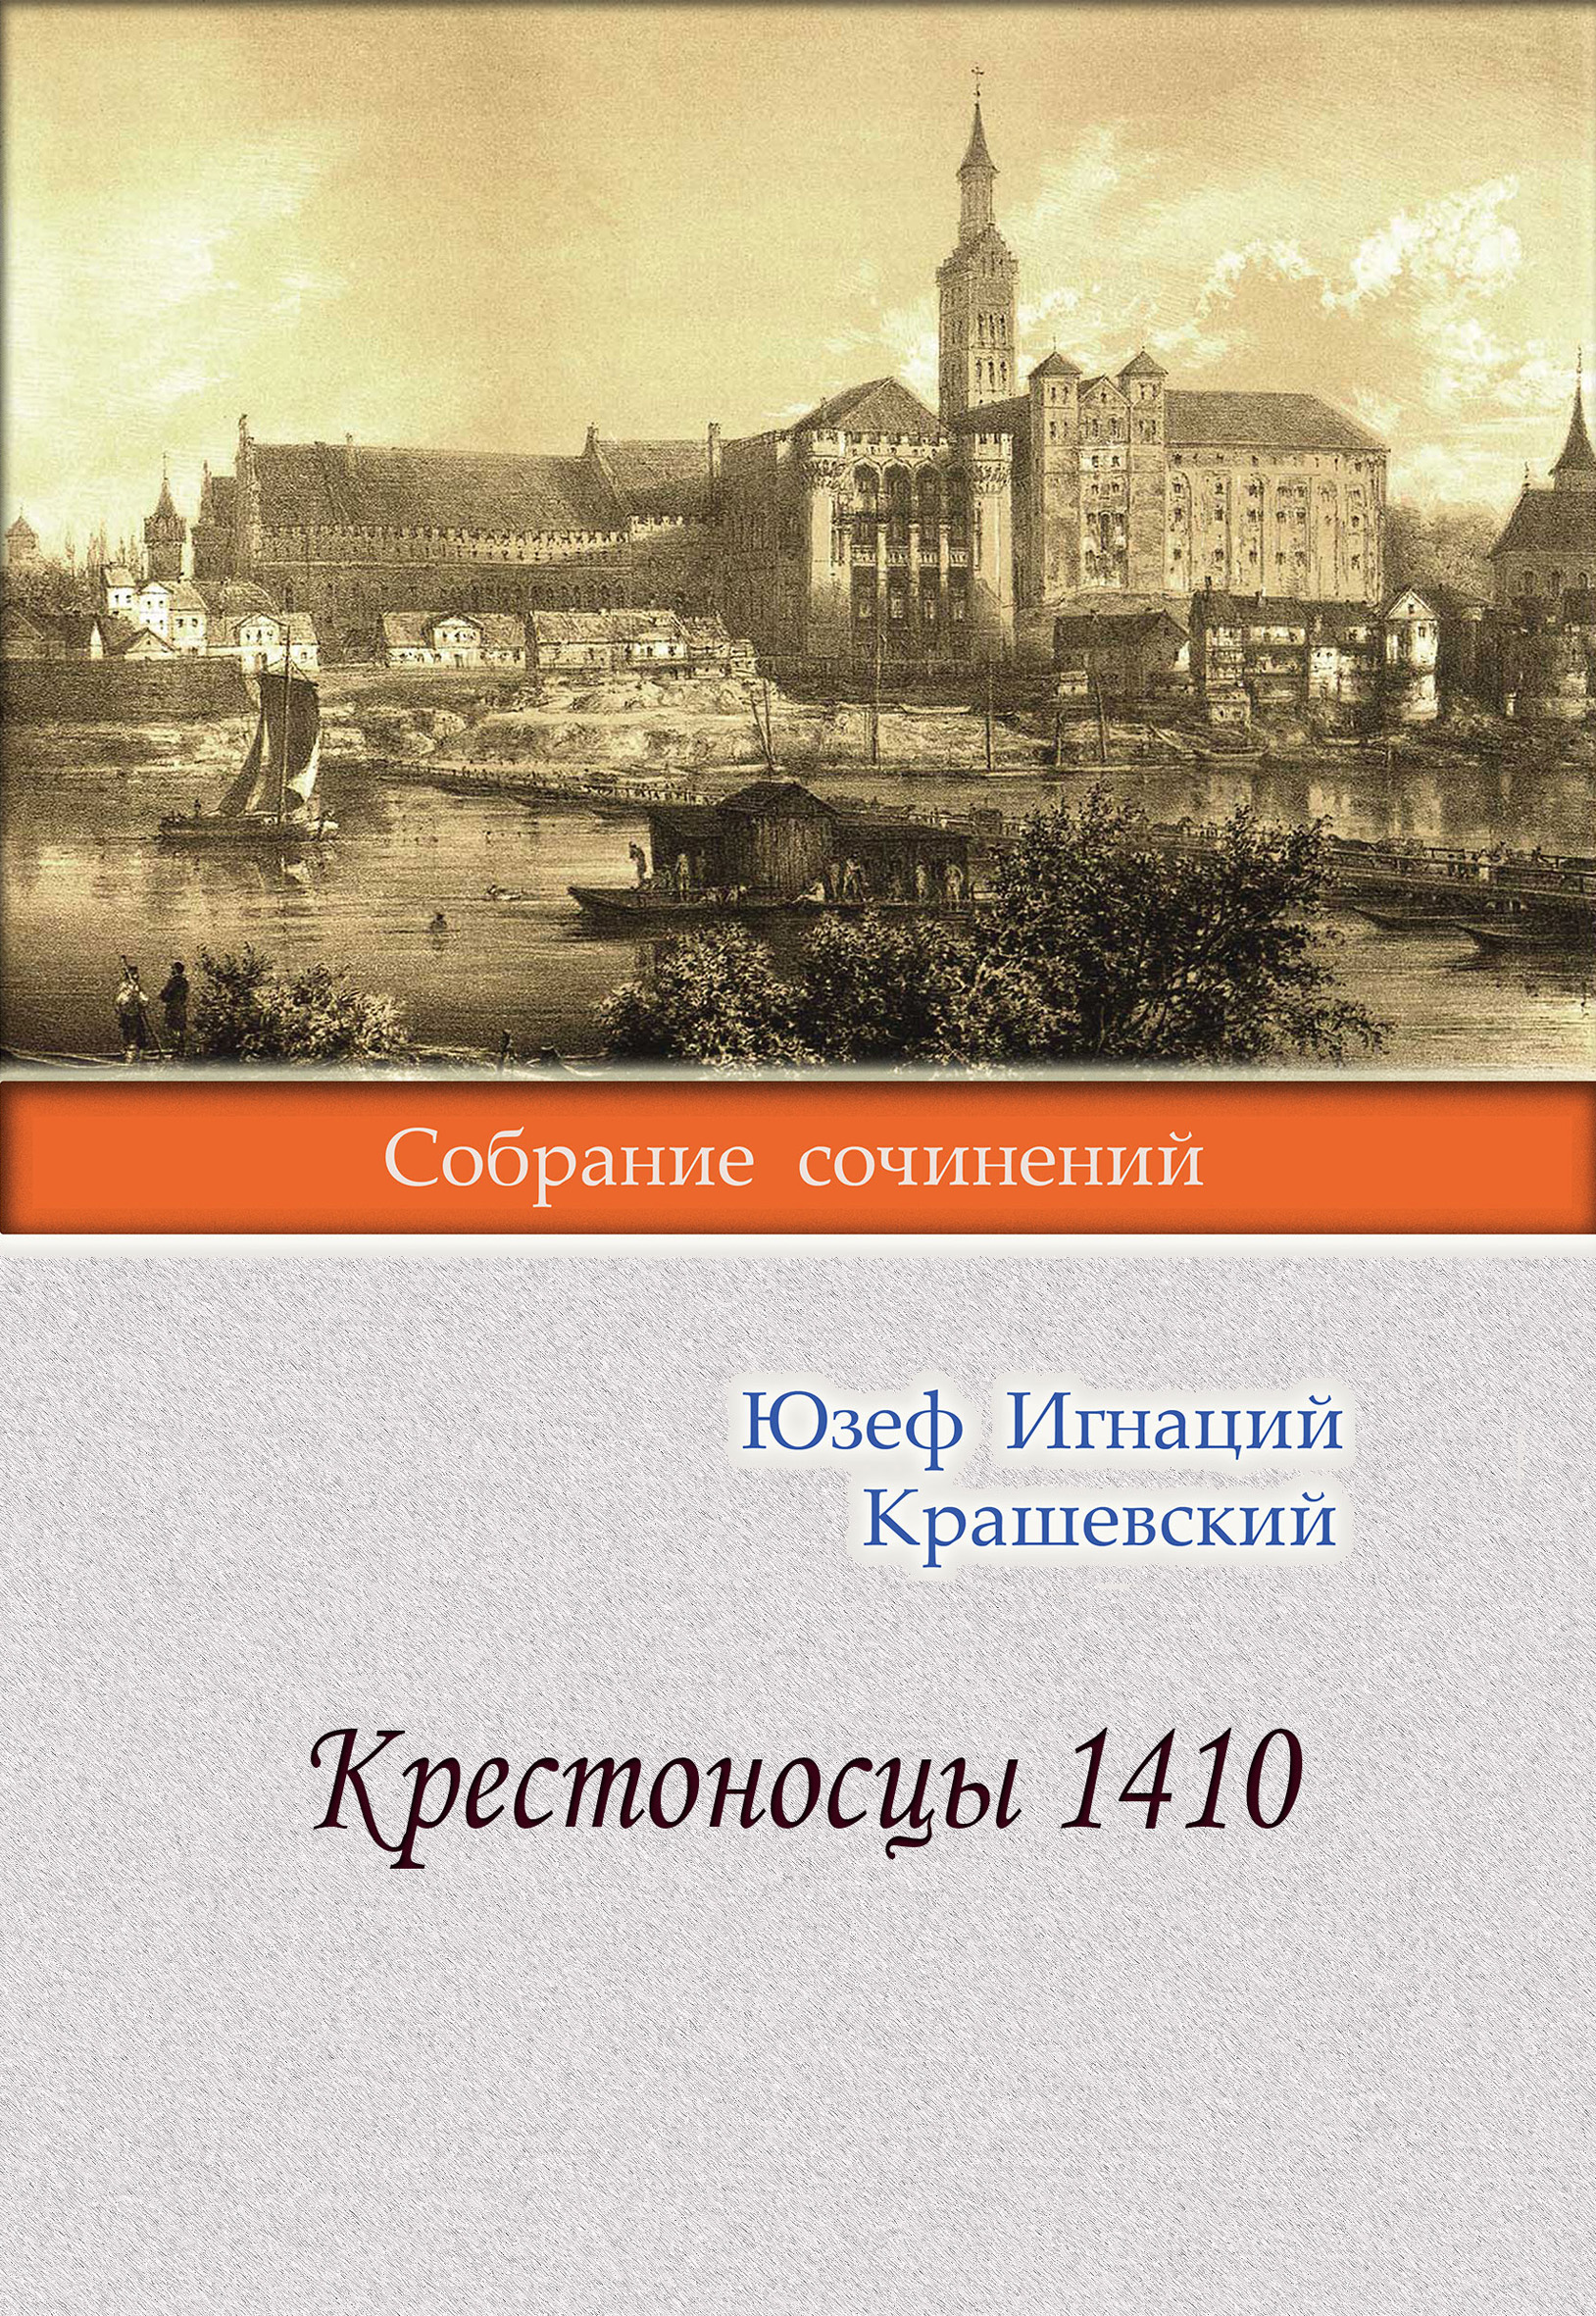 Юзеф Игнаций Крашевский Крестоносцы 1410 лихэйн деннис глоток перед битвой роман